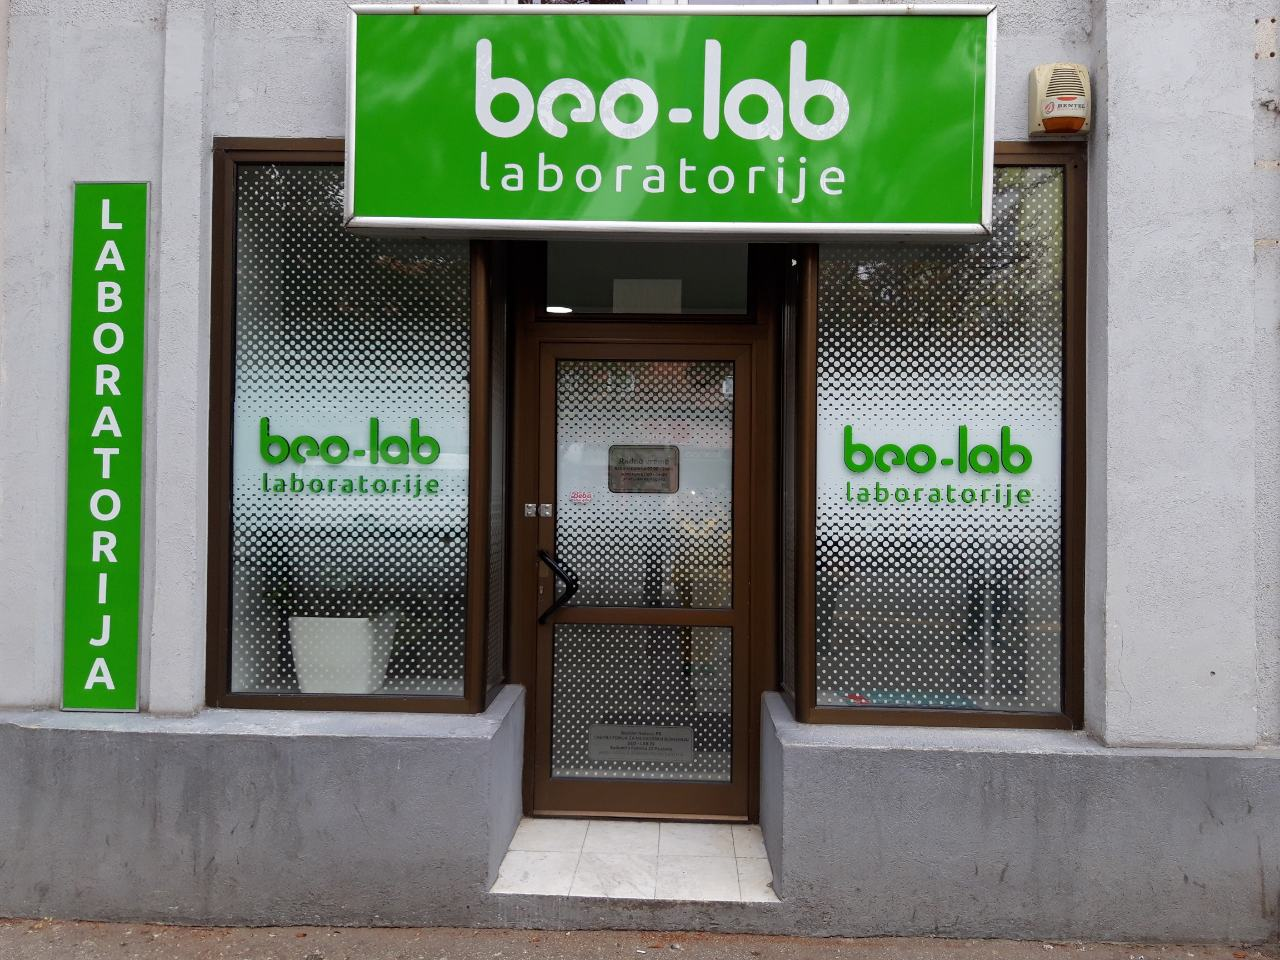 Beo-lab laboratorija Pančevo, Radomira Putnika 22 4